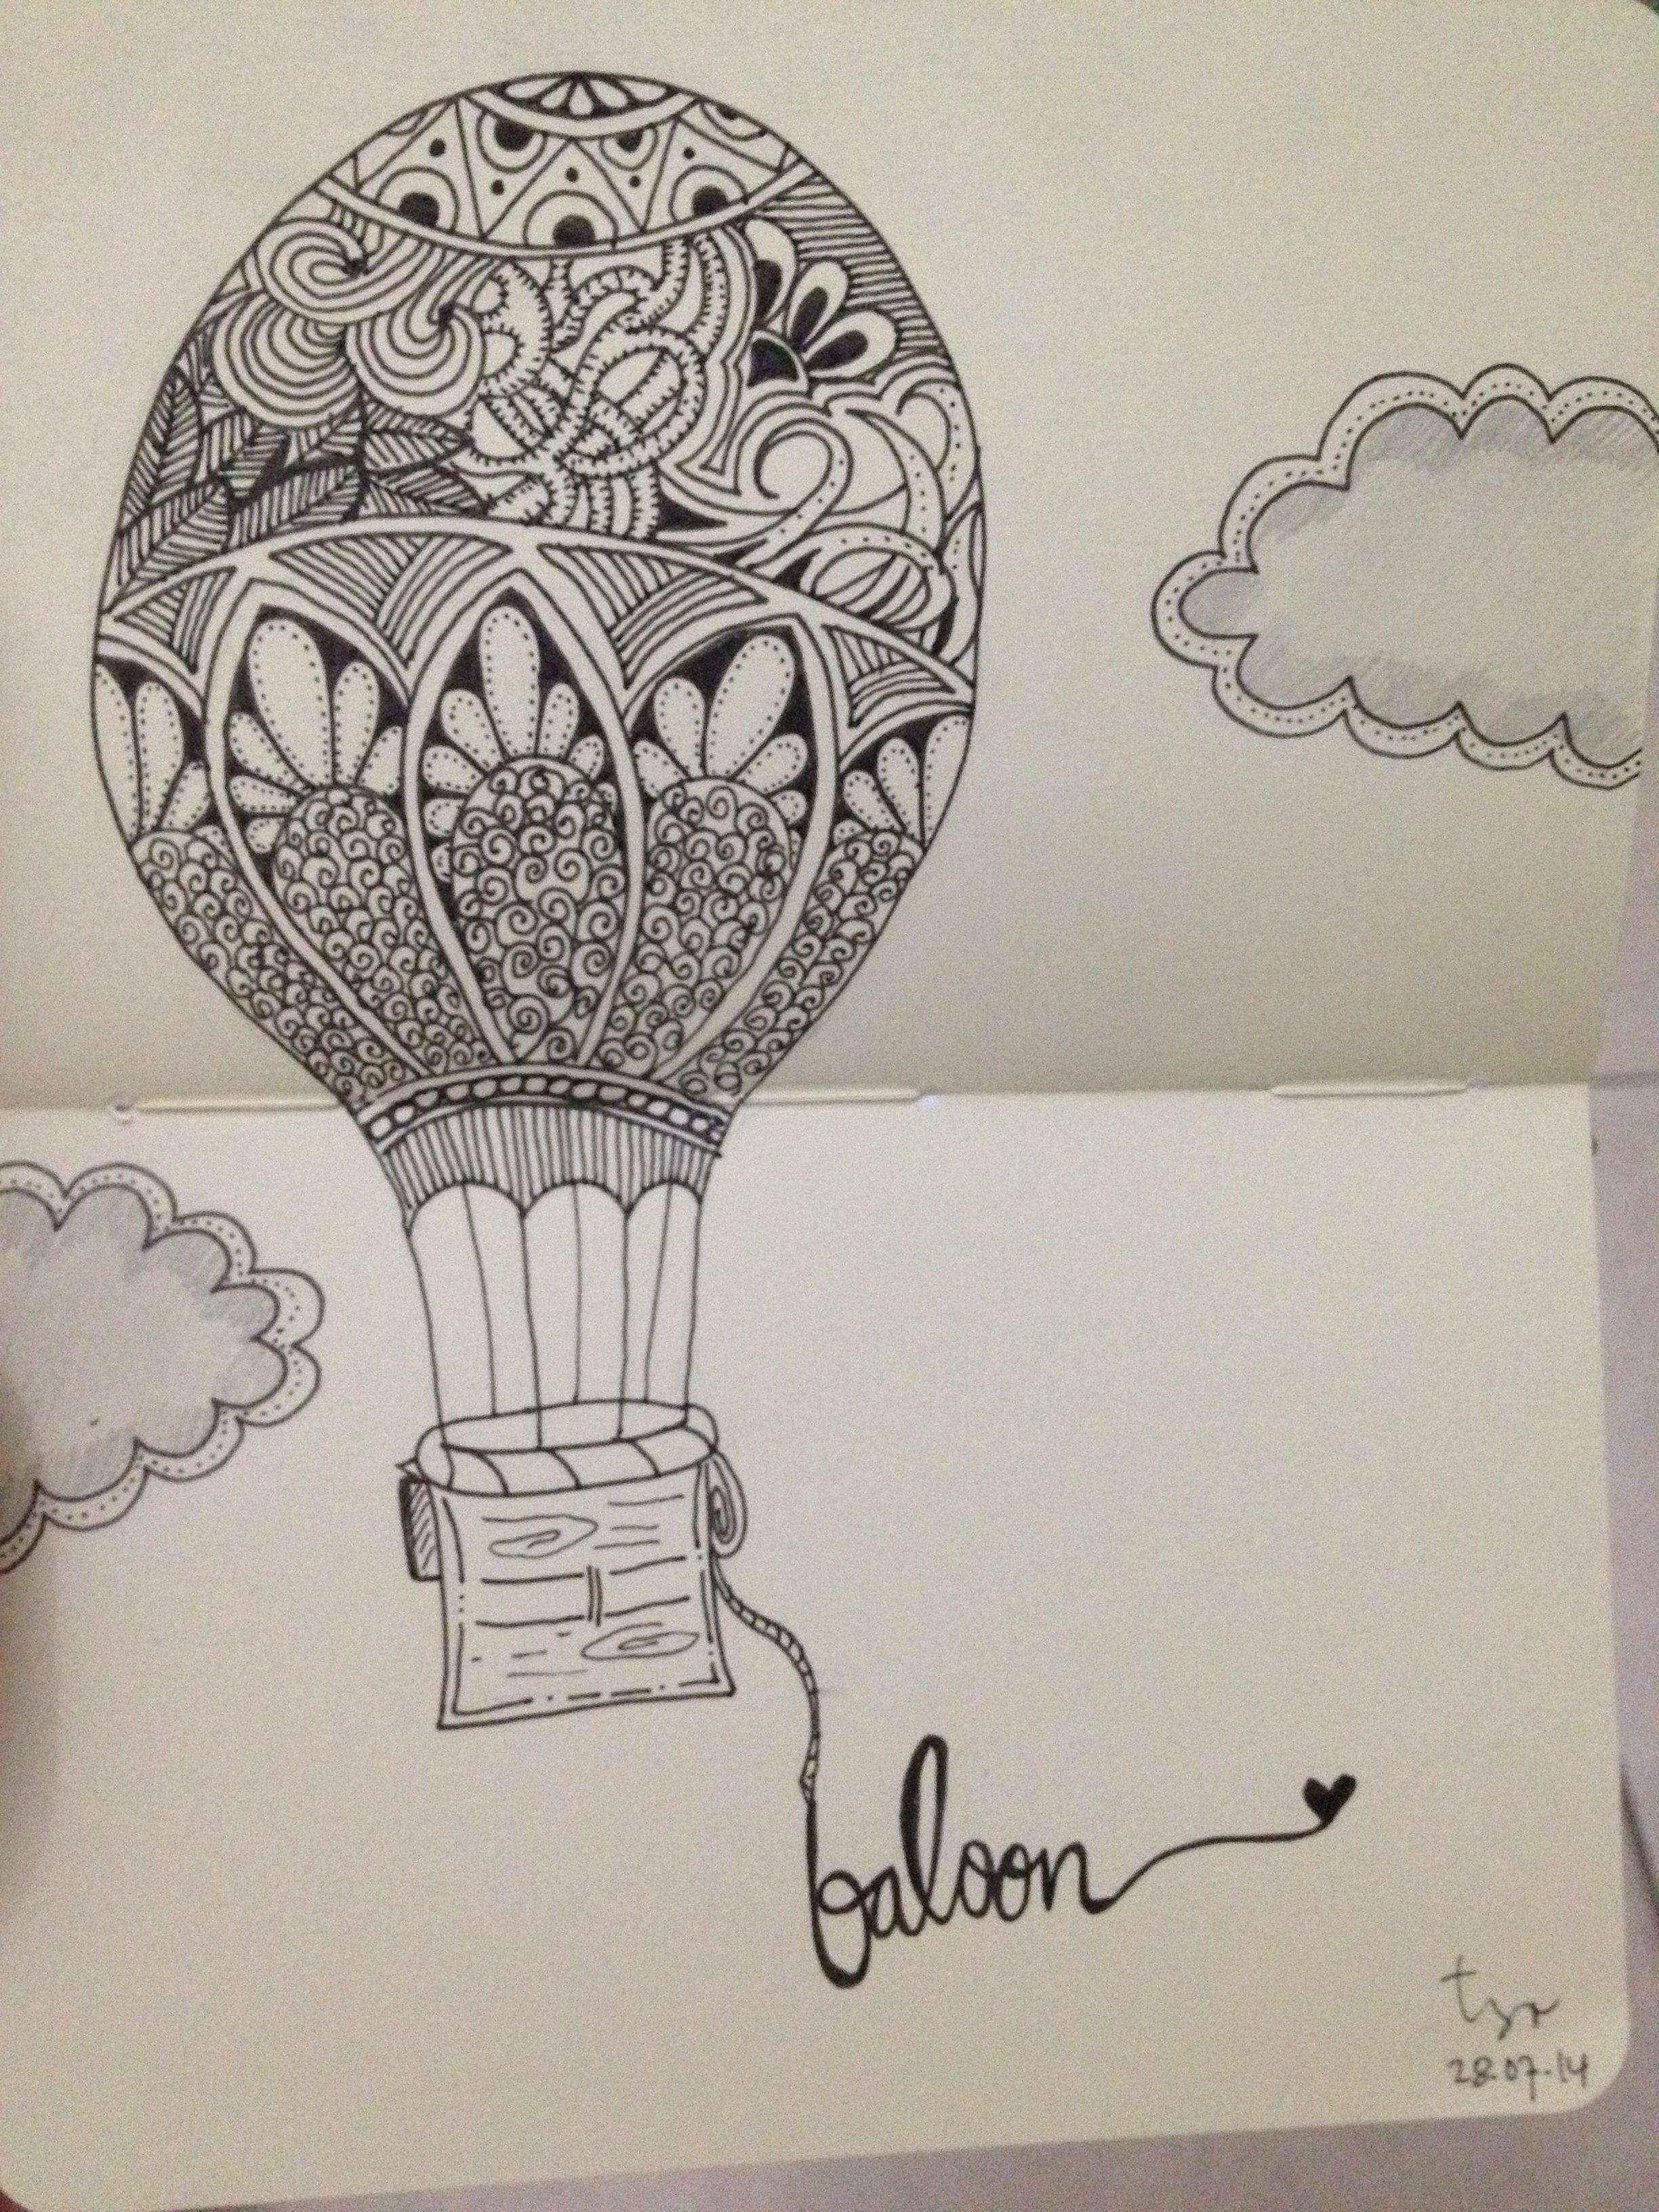 Gambar Sketsa Balon : gambar, sketsa, balon, Balon, Udara, Udara,